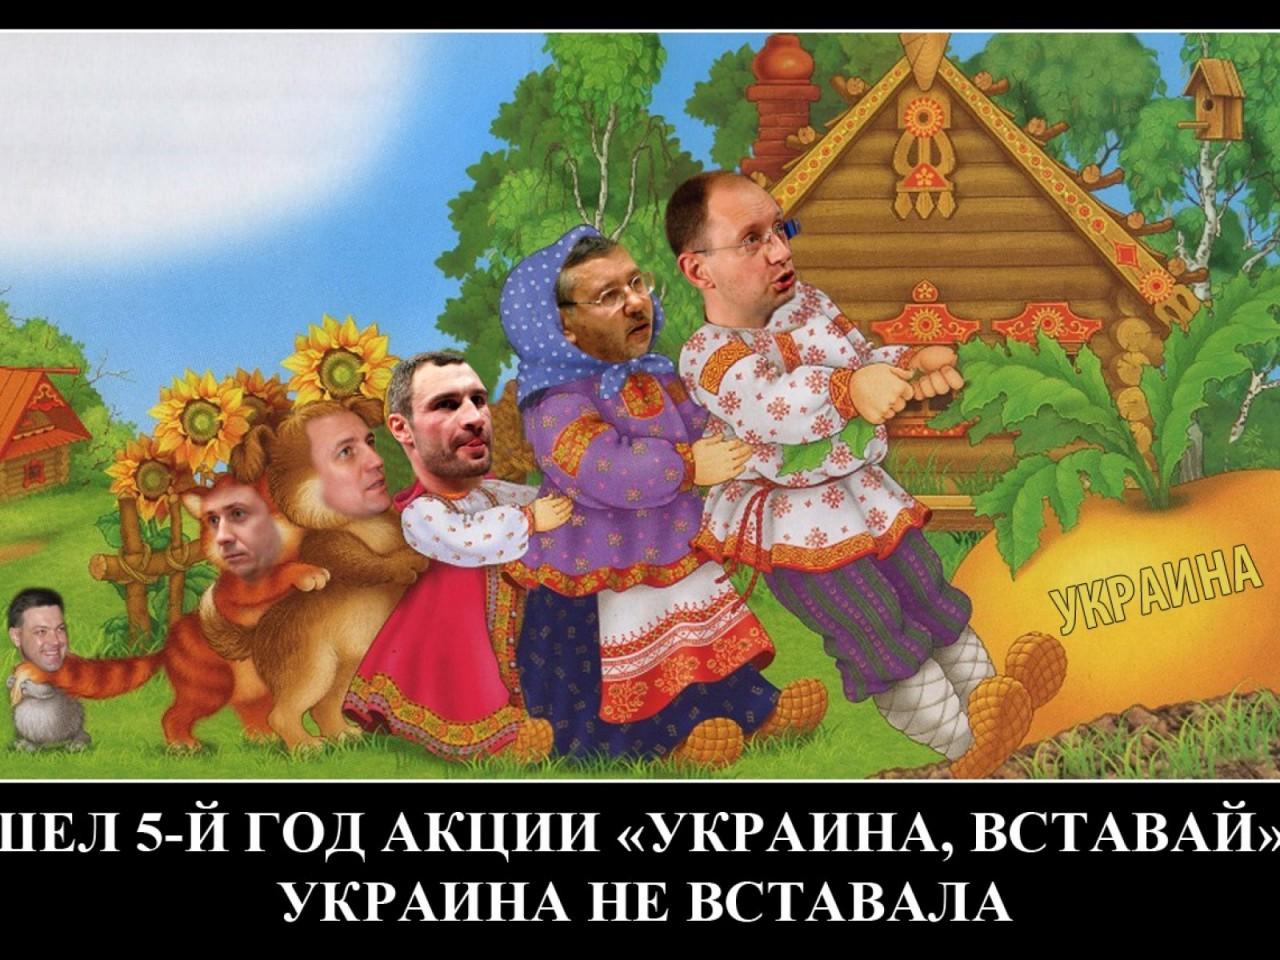 Прикольные украинский картинки